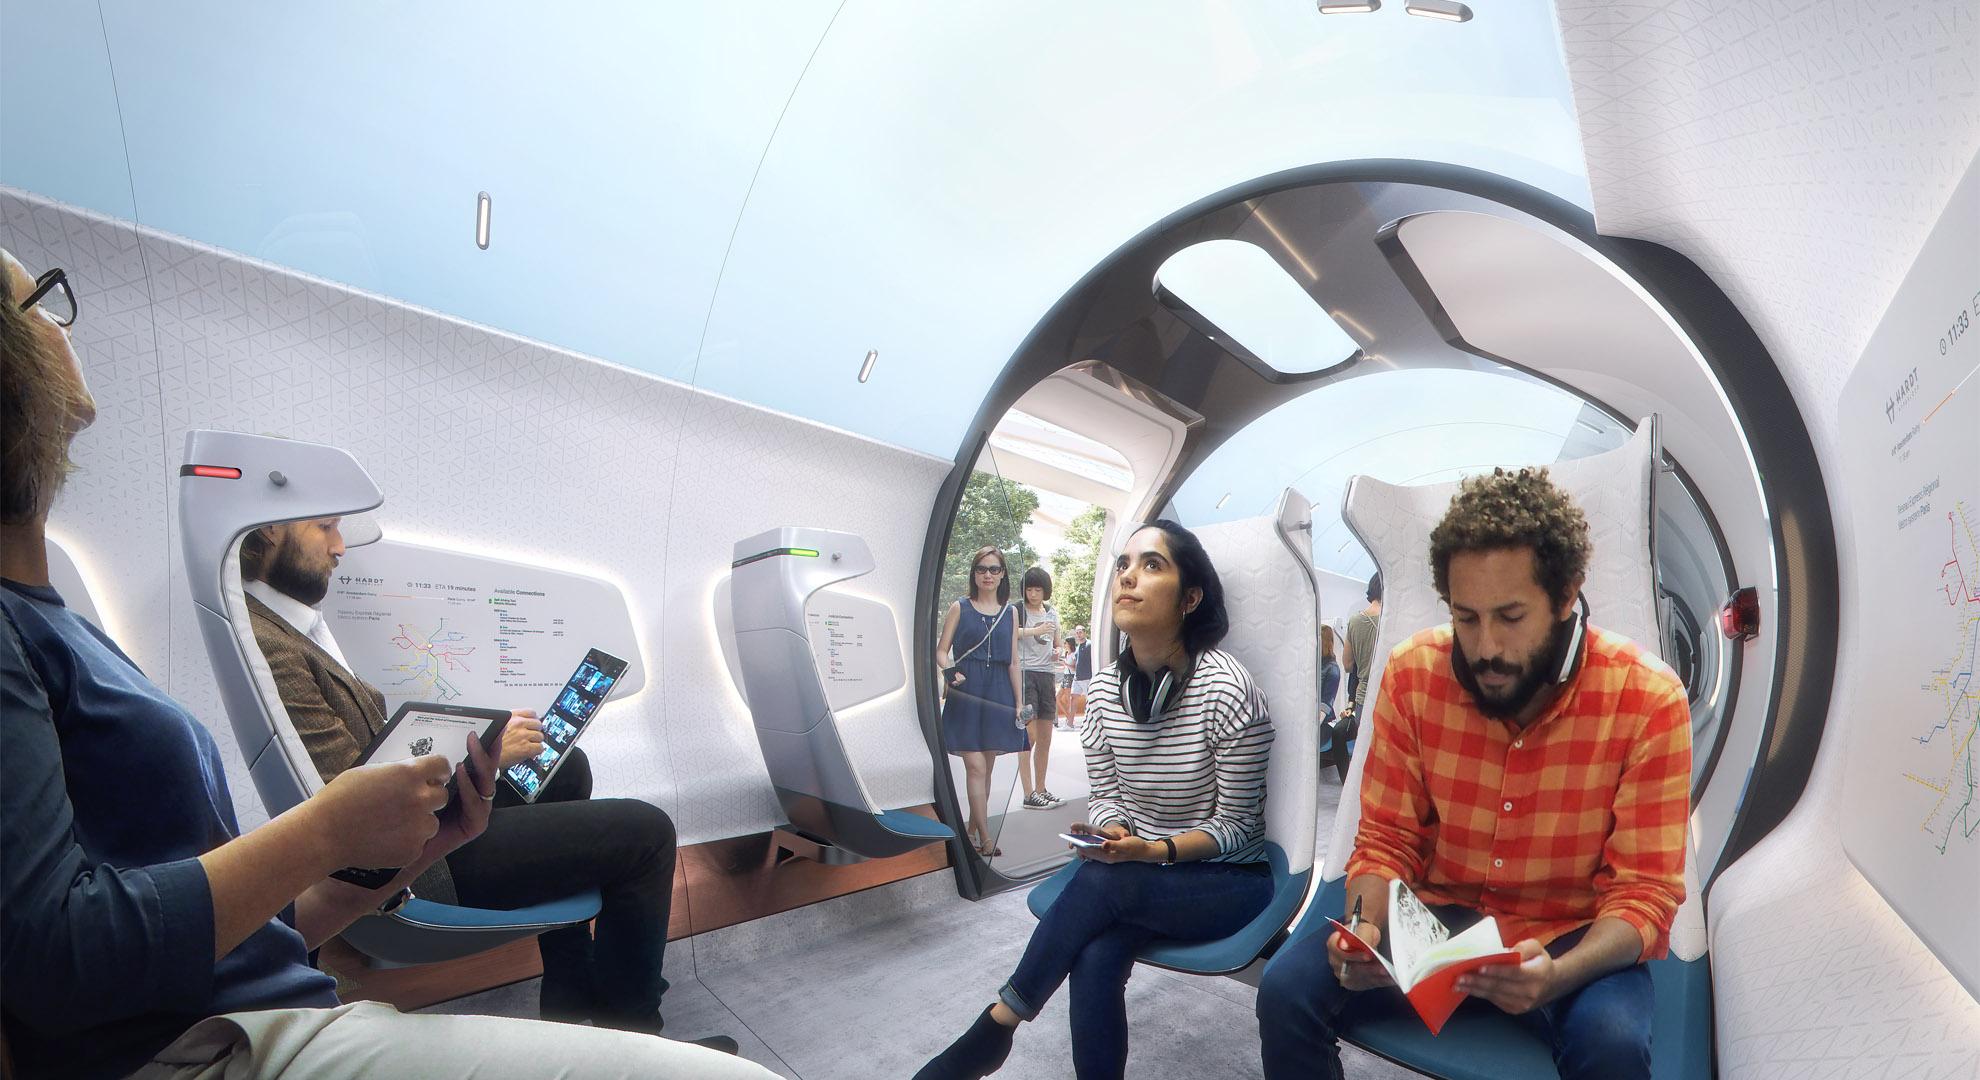 Vehículo Hardt Hyperloop, UNStudio (diseño), Plompmozes (visualización)